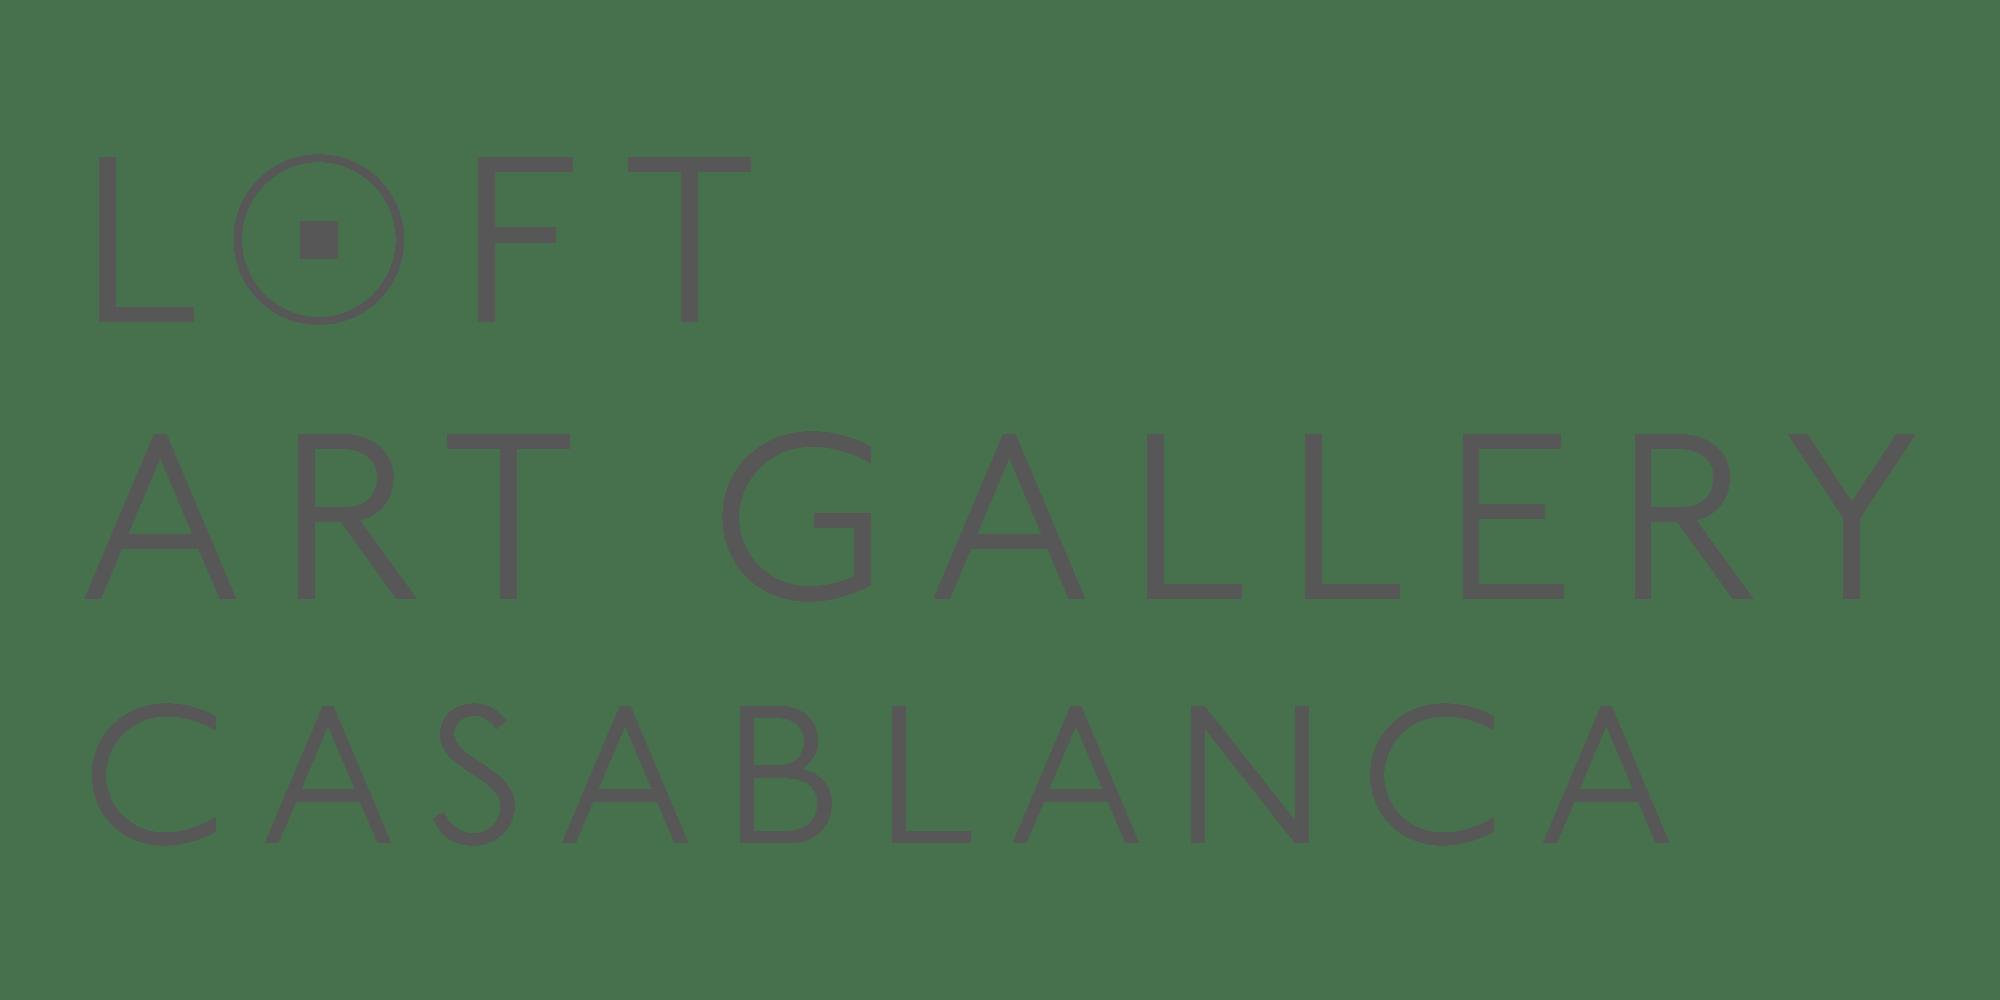 Loft Art Gallery - Casablanca company logo